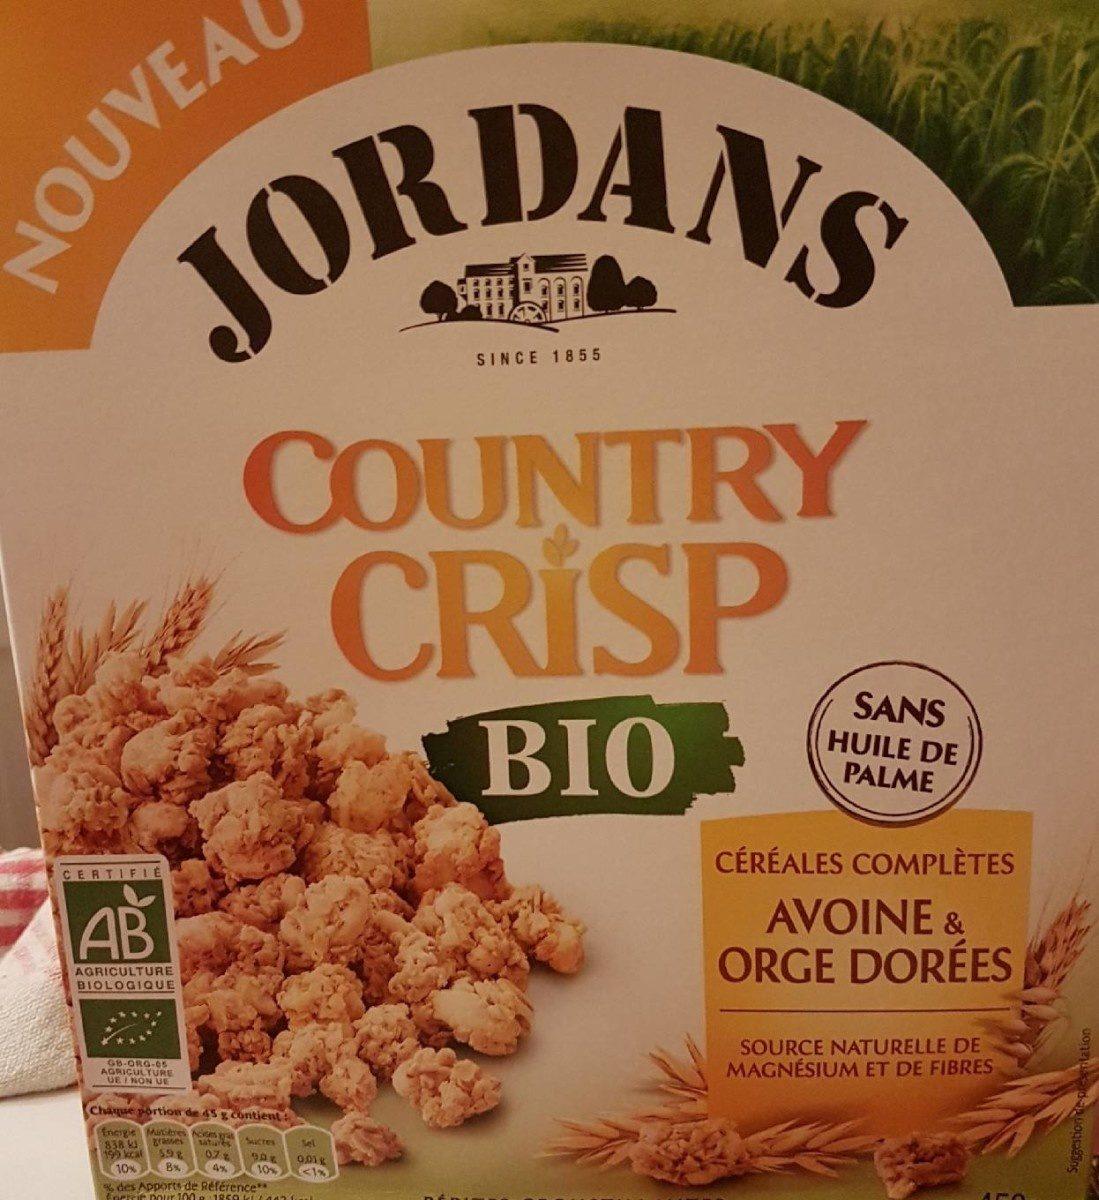 Country crisp Avoine et Orge Dorée BIO - Produit - fr